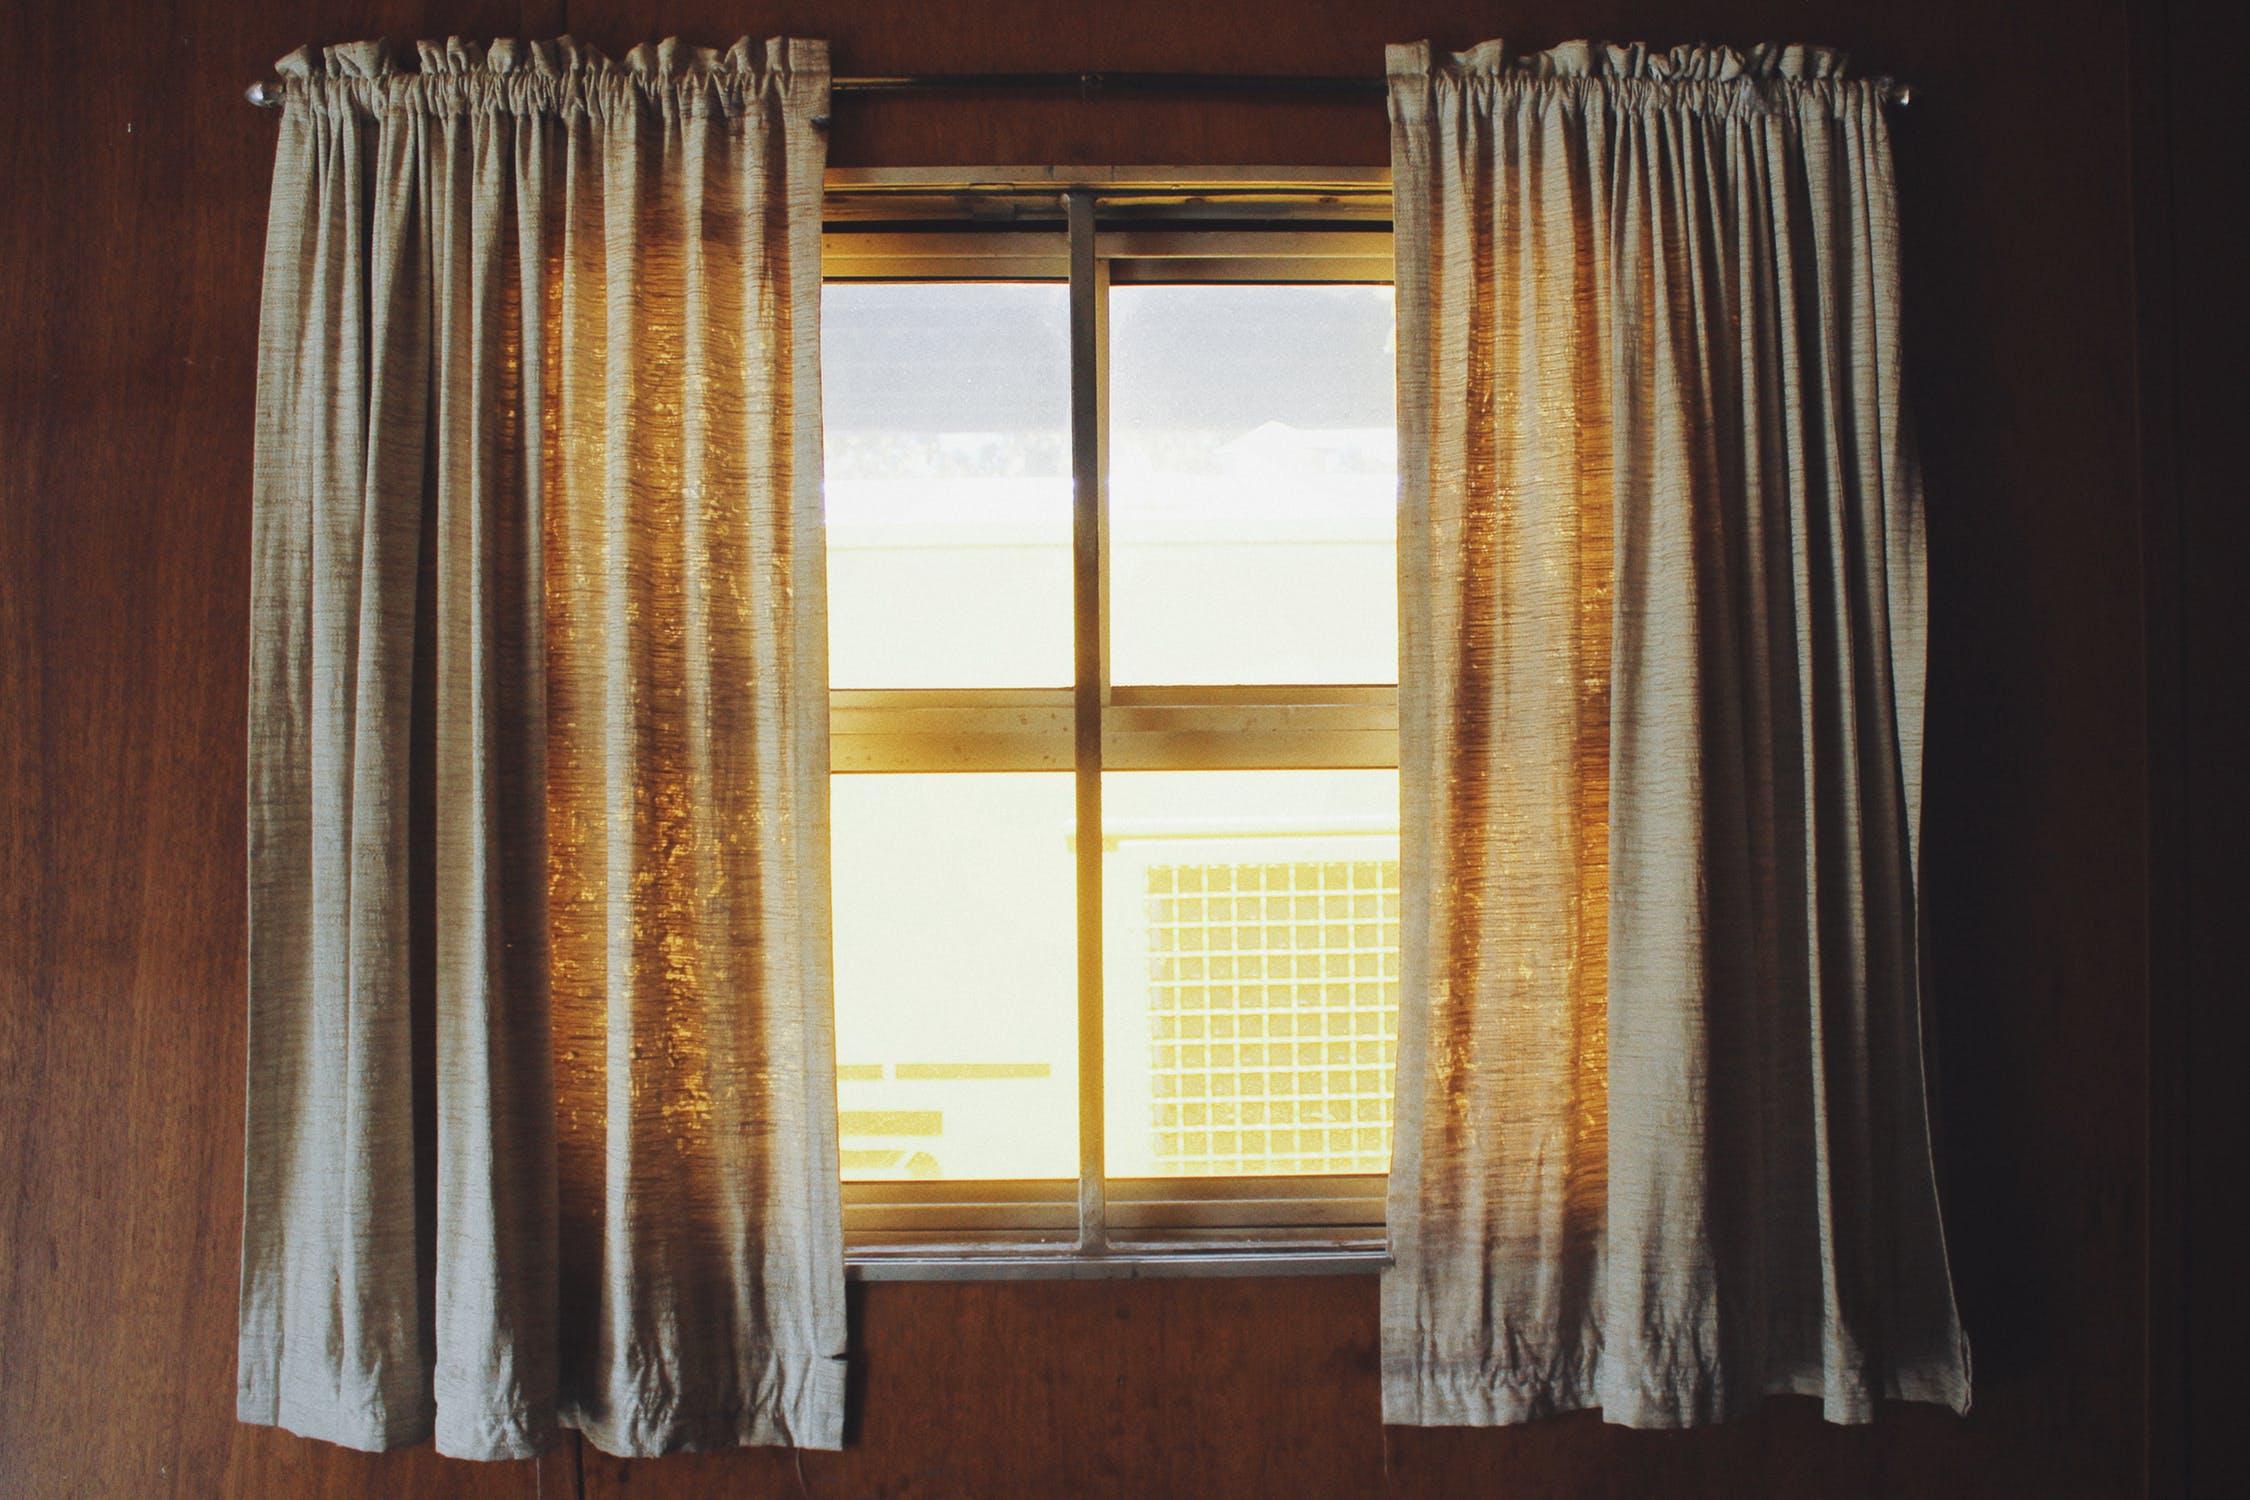 night-curtains-house-singapore